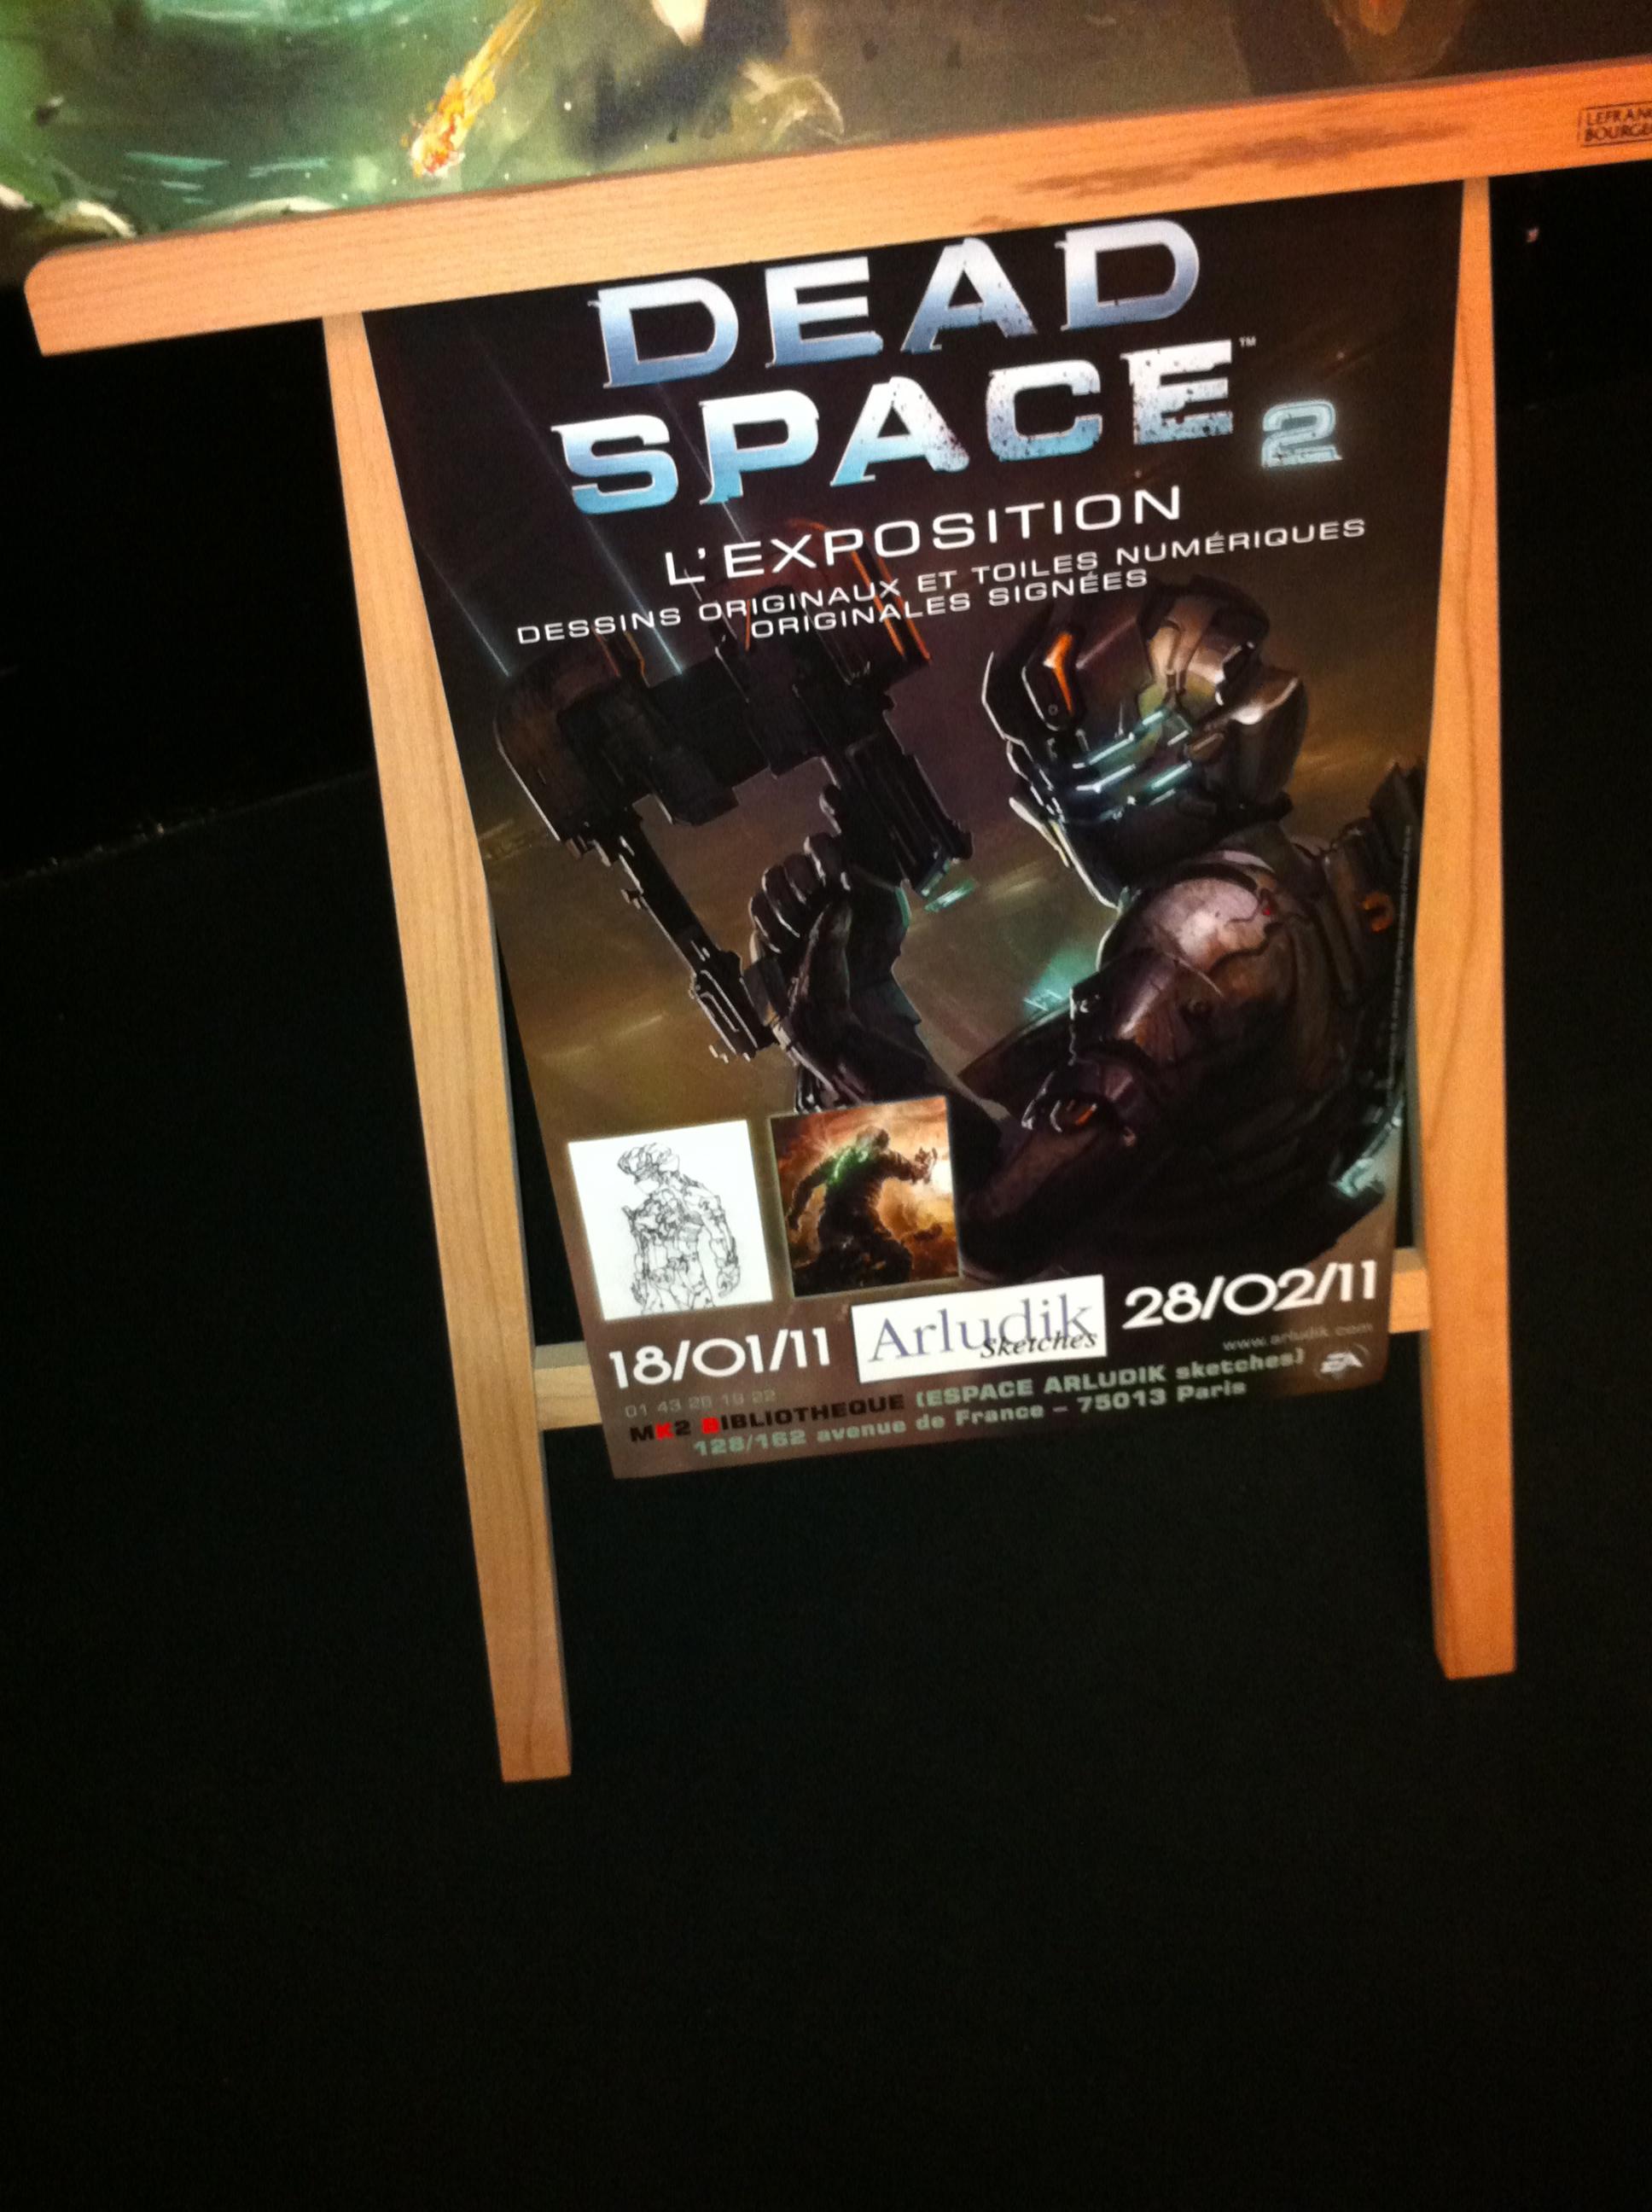 DeadSpace2 Multi Div 006